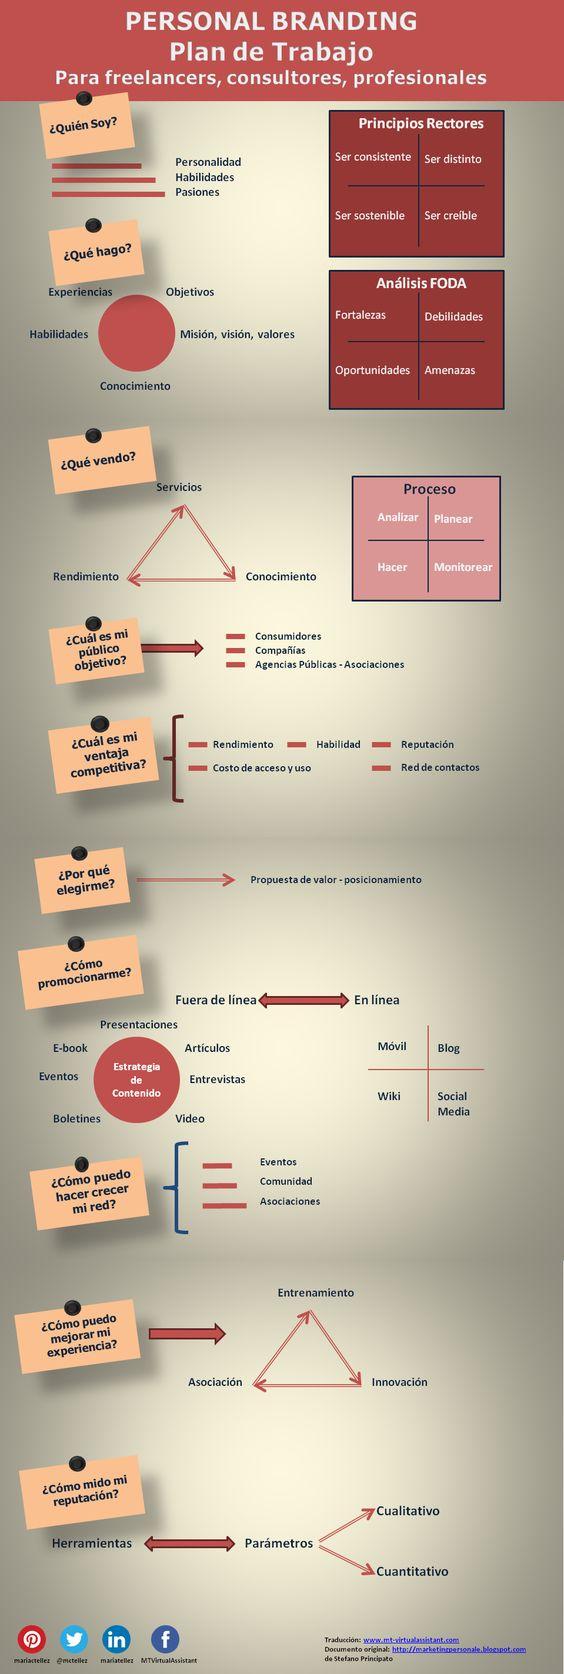 Plan de Trabajo para Marca Personal